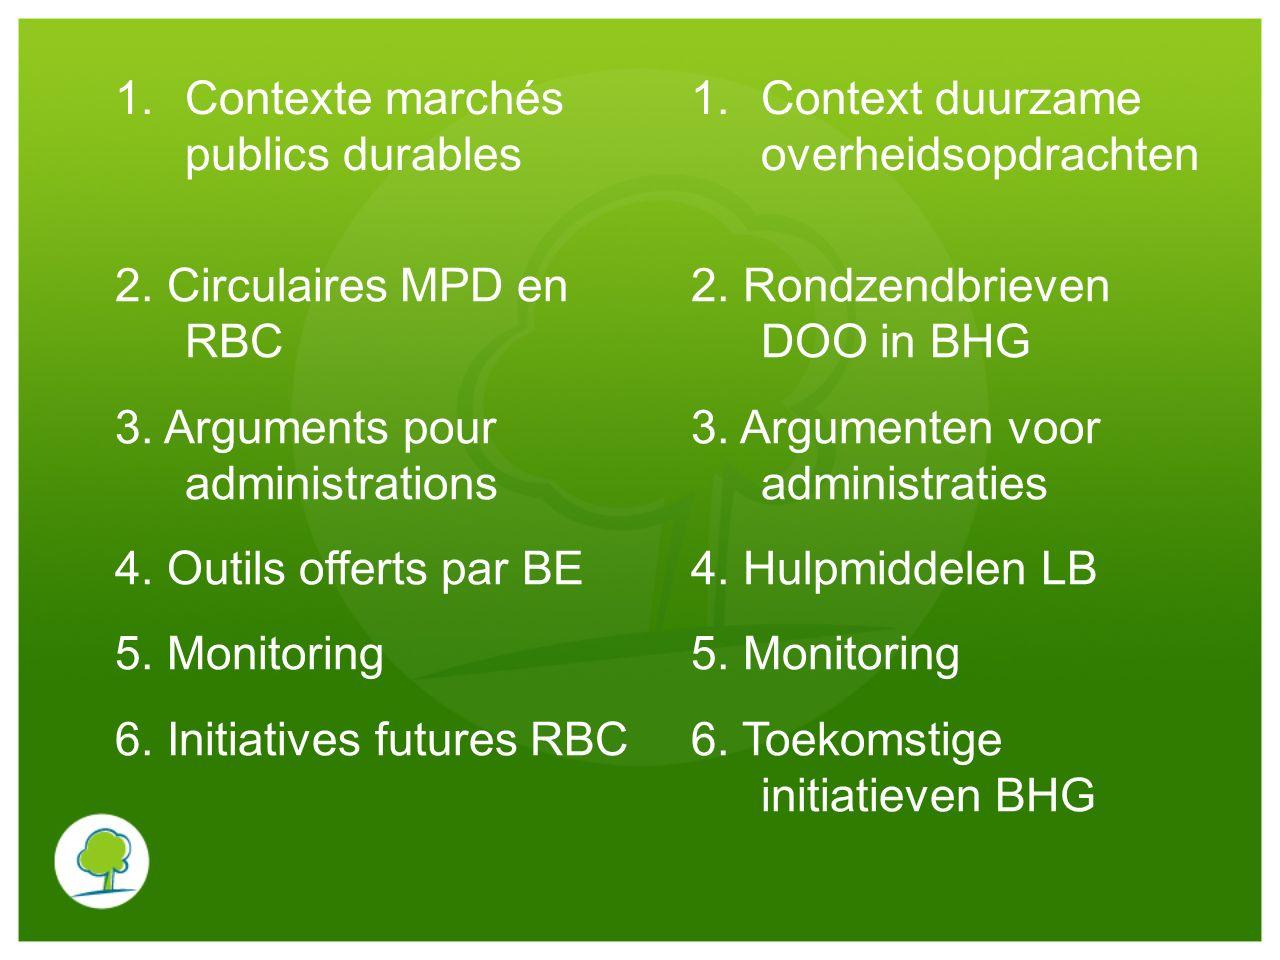 1.Contexte marchés publics durables 1.Context duurzame overheidsopdrachten 2. Circulaires MPD en RBC 3. Arguments pour administrations 4. Outils offer